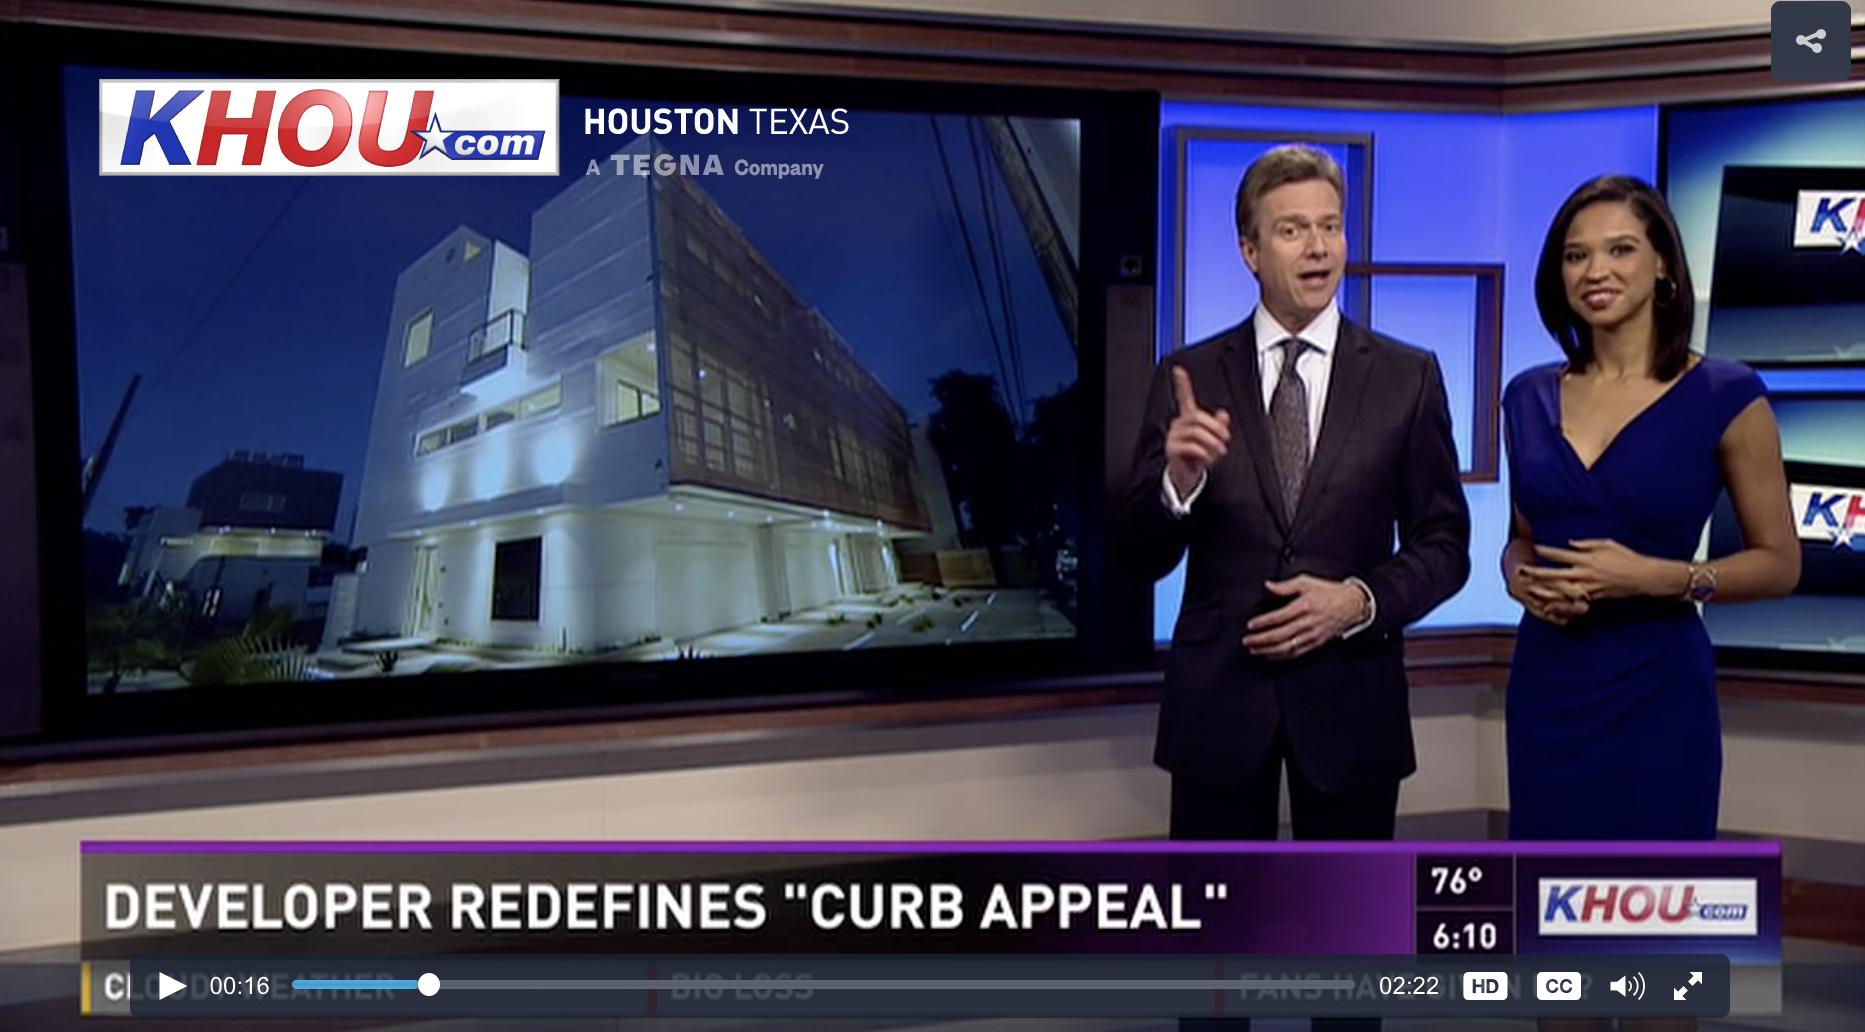 See our segment on KHOU Houston!